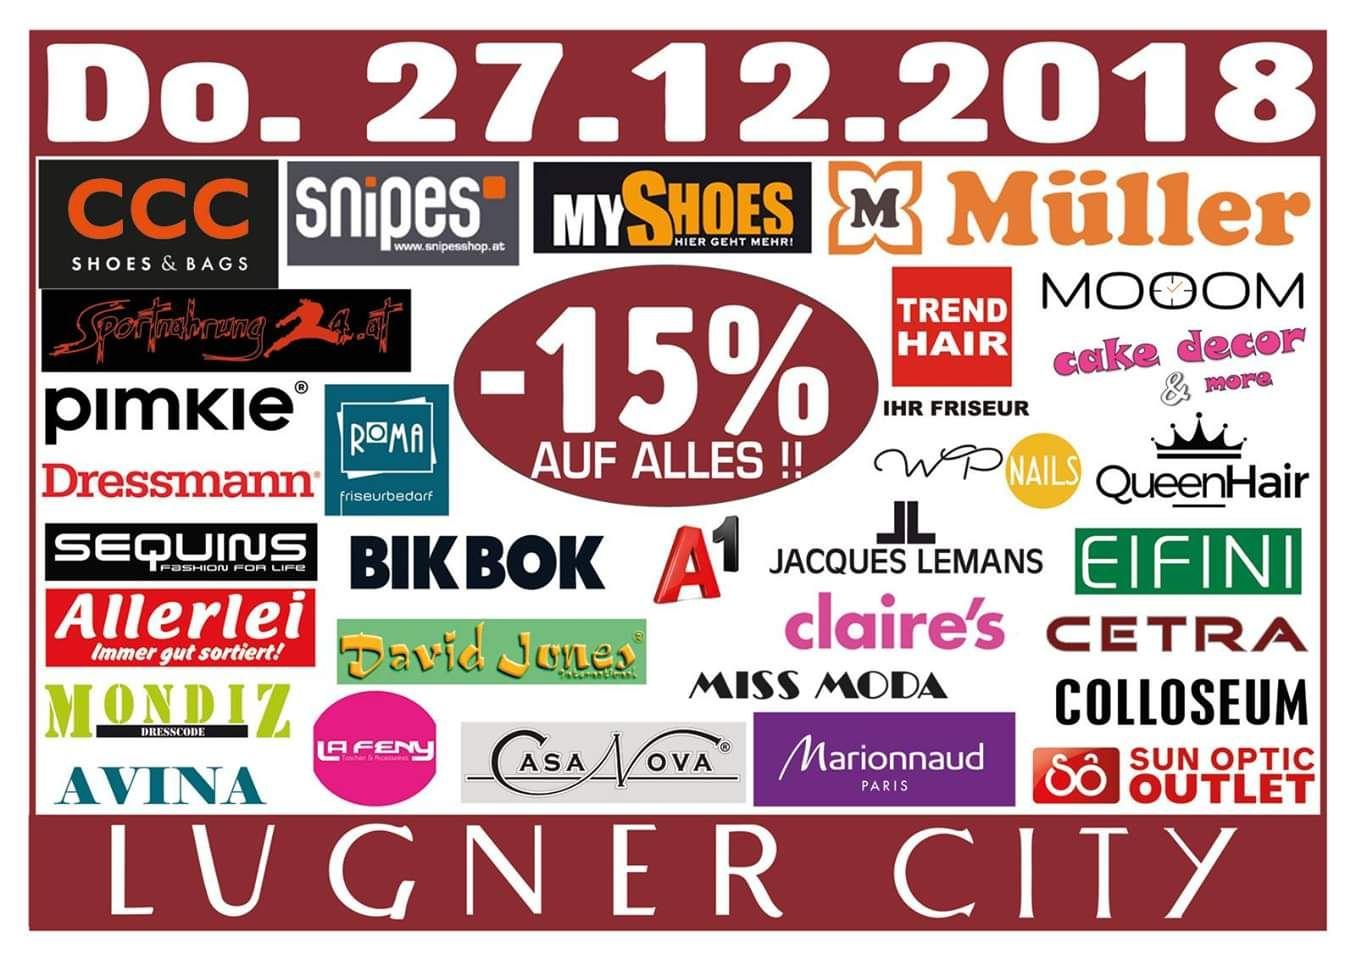 Lugner City: -15% auf alles in 29 Shops